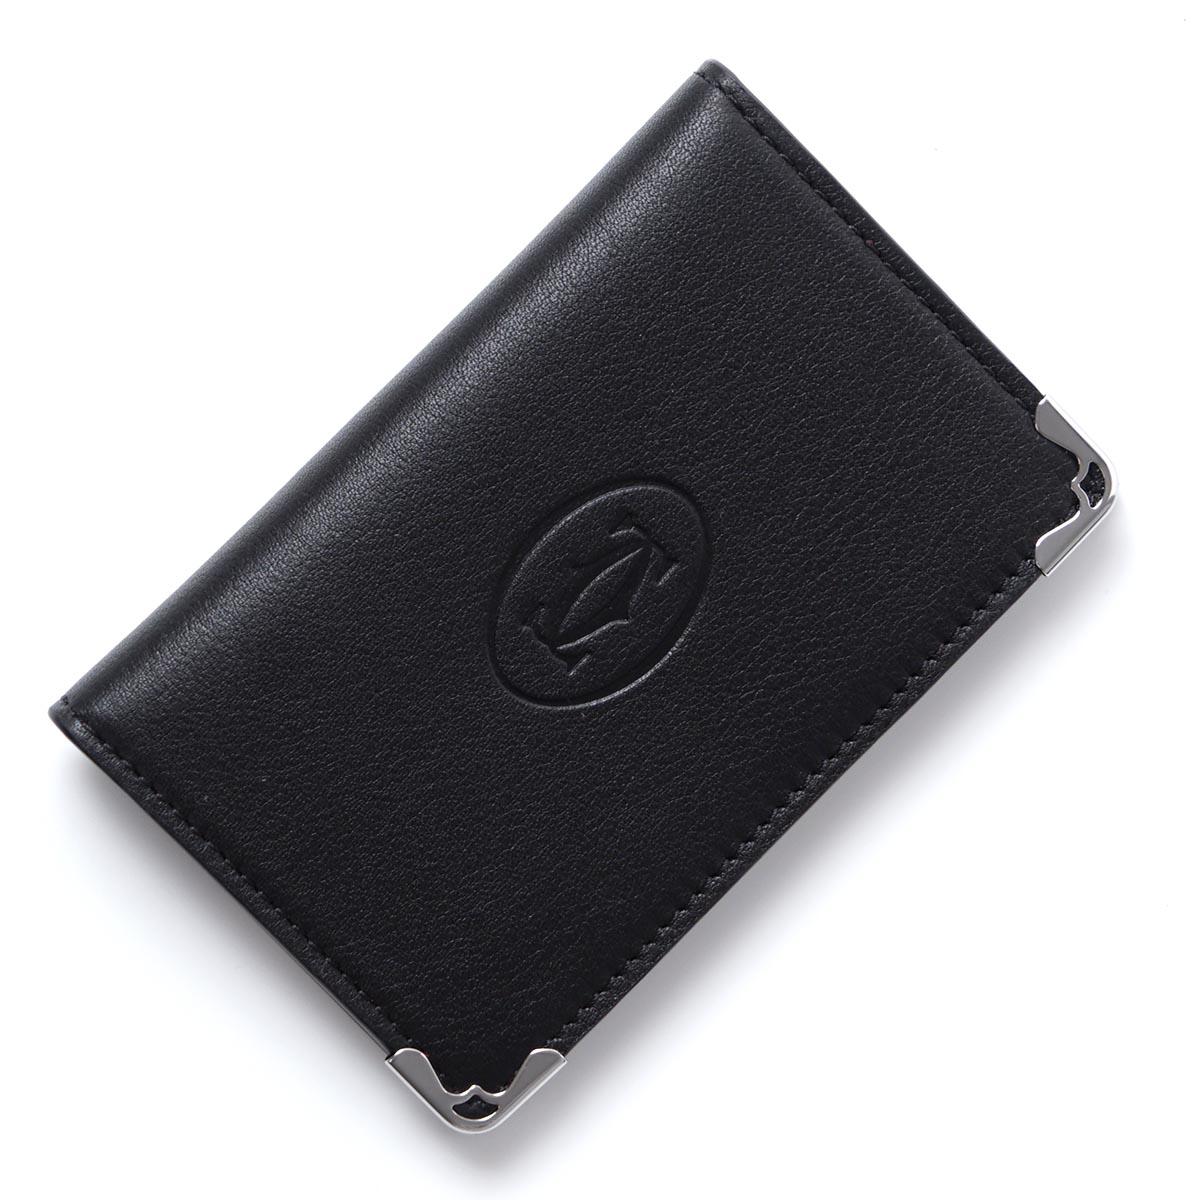 カルティエ Cartier カードケース ブラック メンズ レディース ギフト プレゼント l3001370 black MUST DE CARTIER LEATHER【ラッピング無料】【返品送料無料】【171212】【あす楽対応_関東】